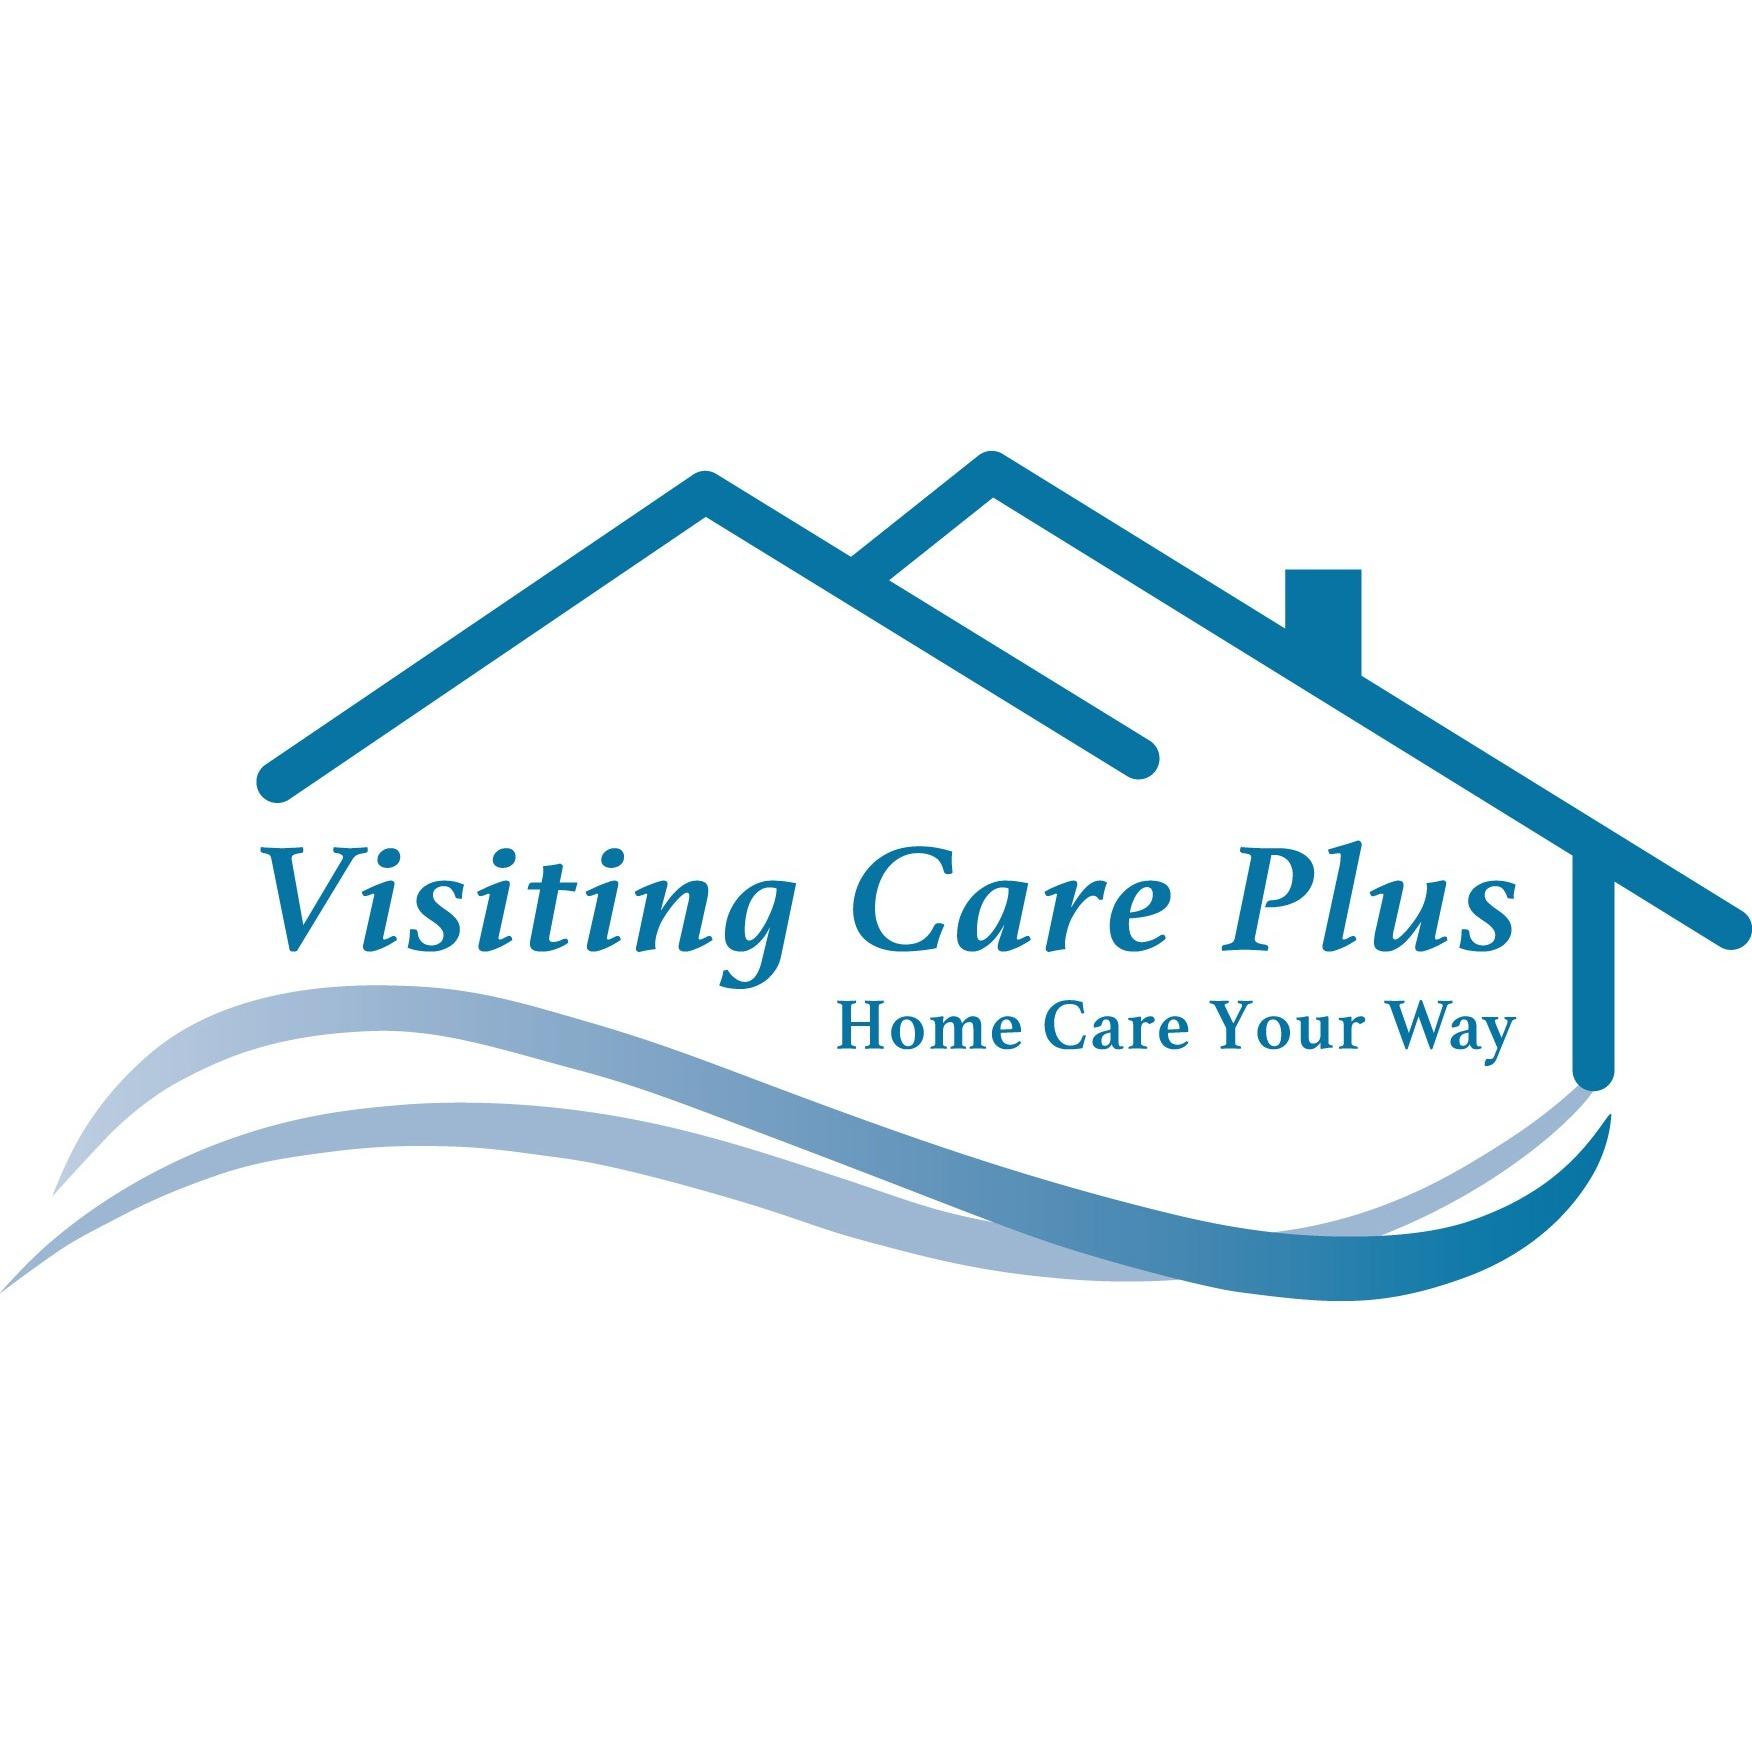 Visiting Care Plus